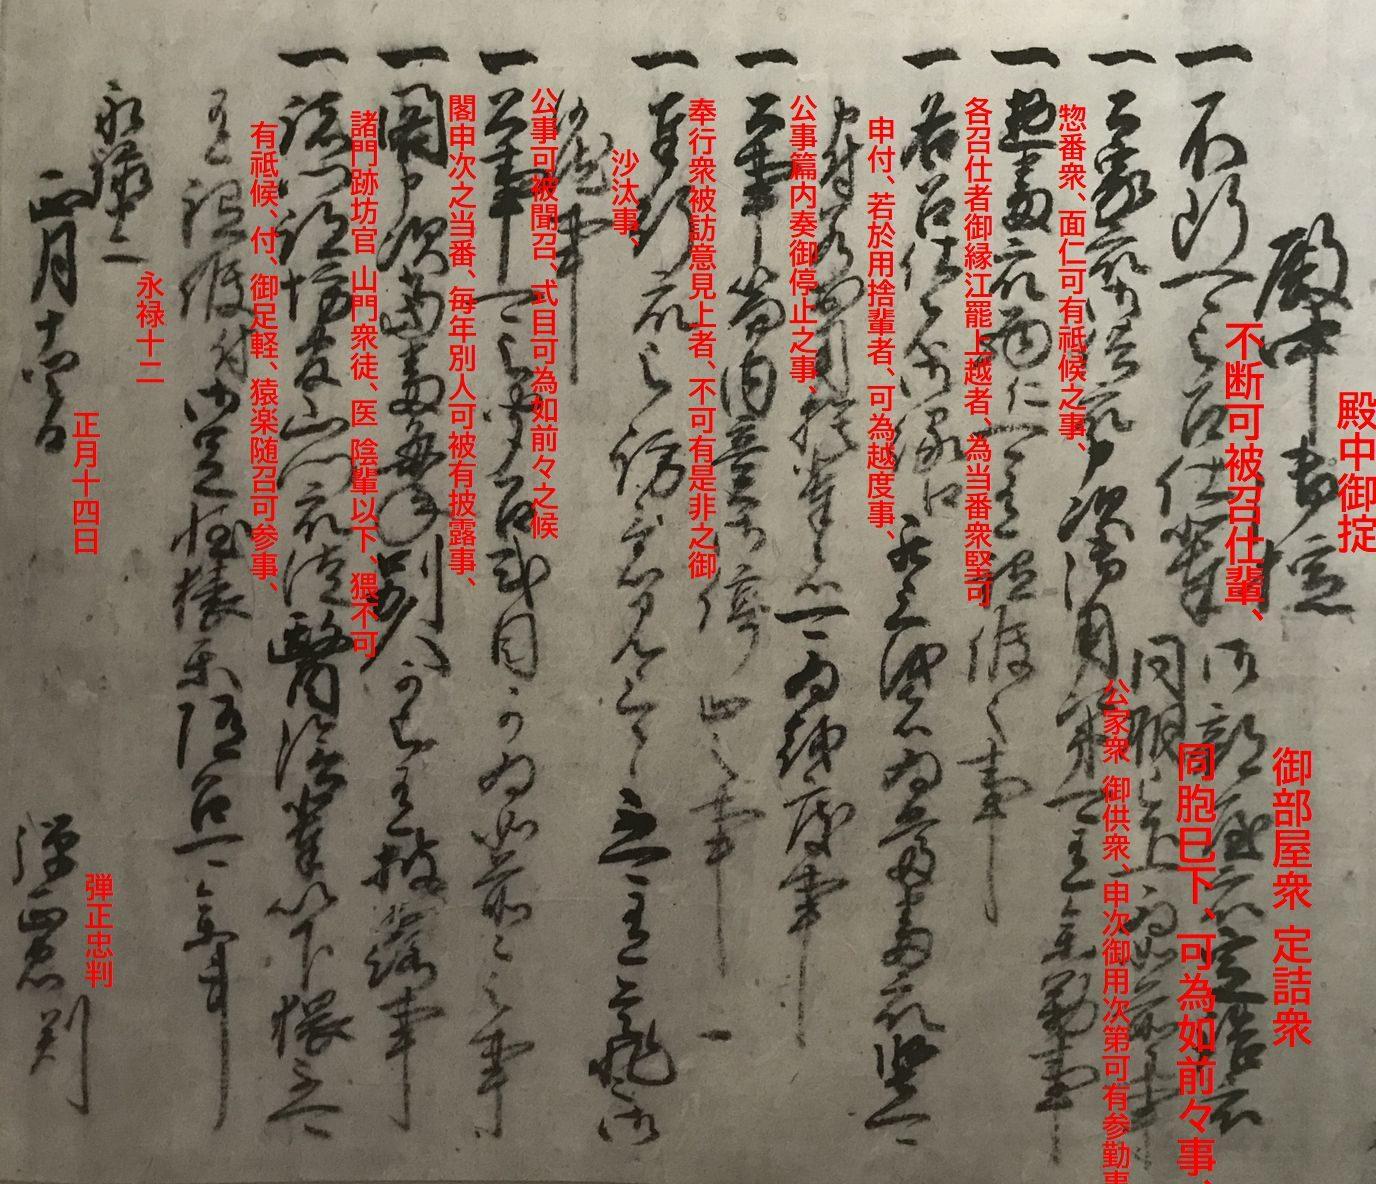 「殿中御掟」原文に書き下し文をのせてみた